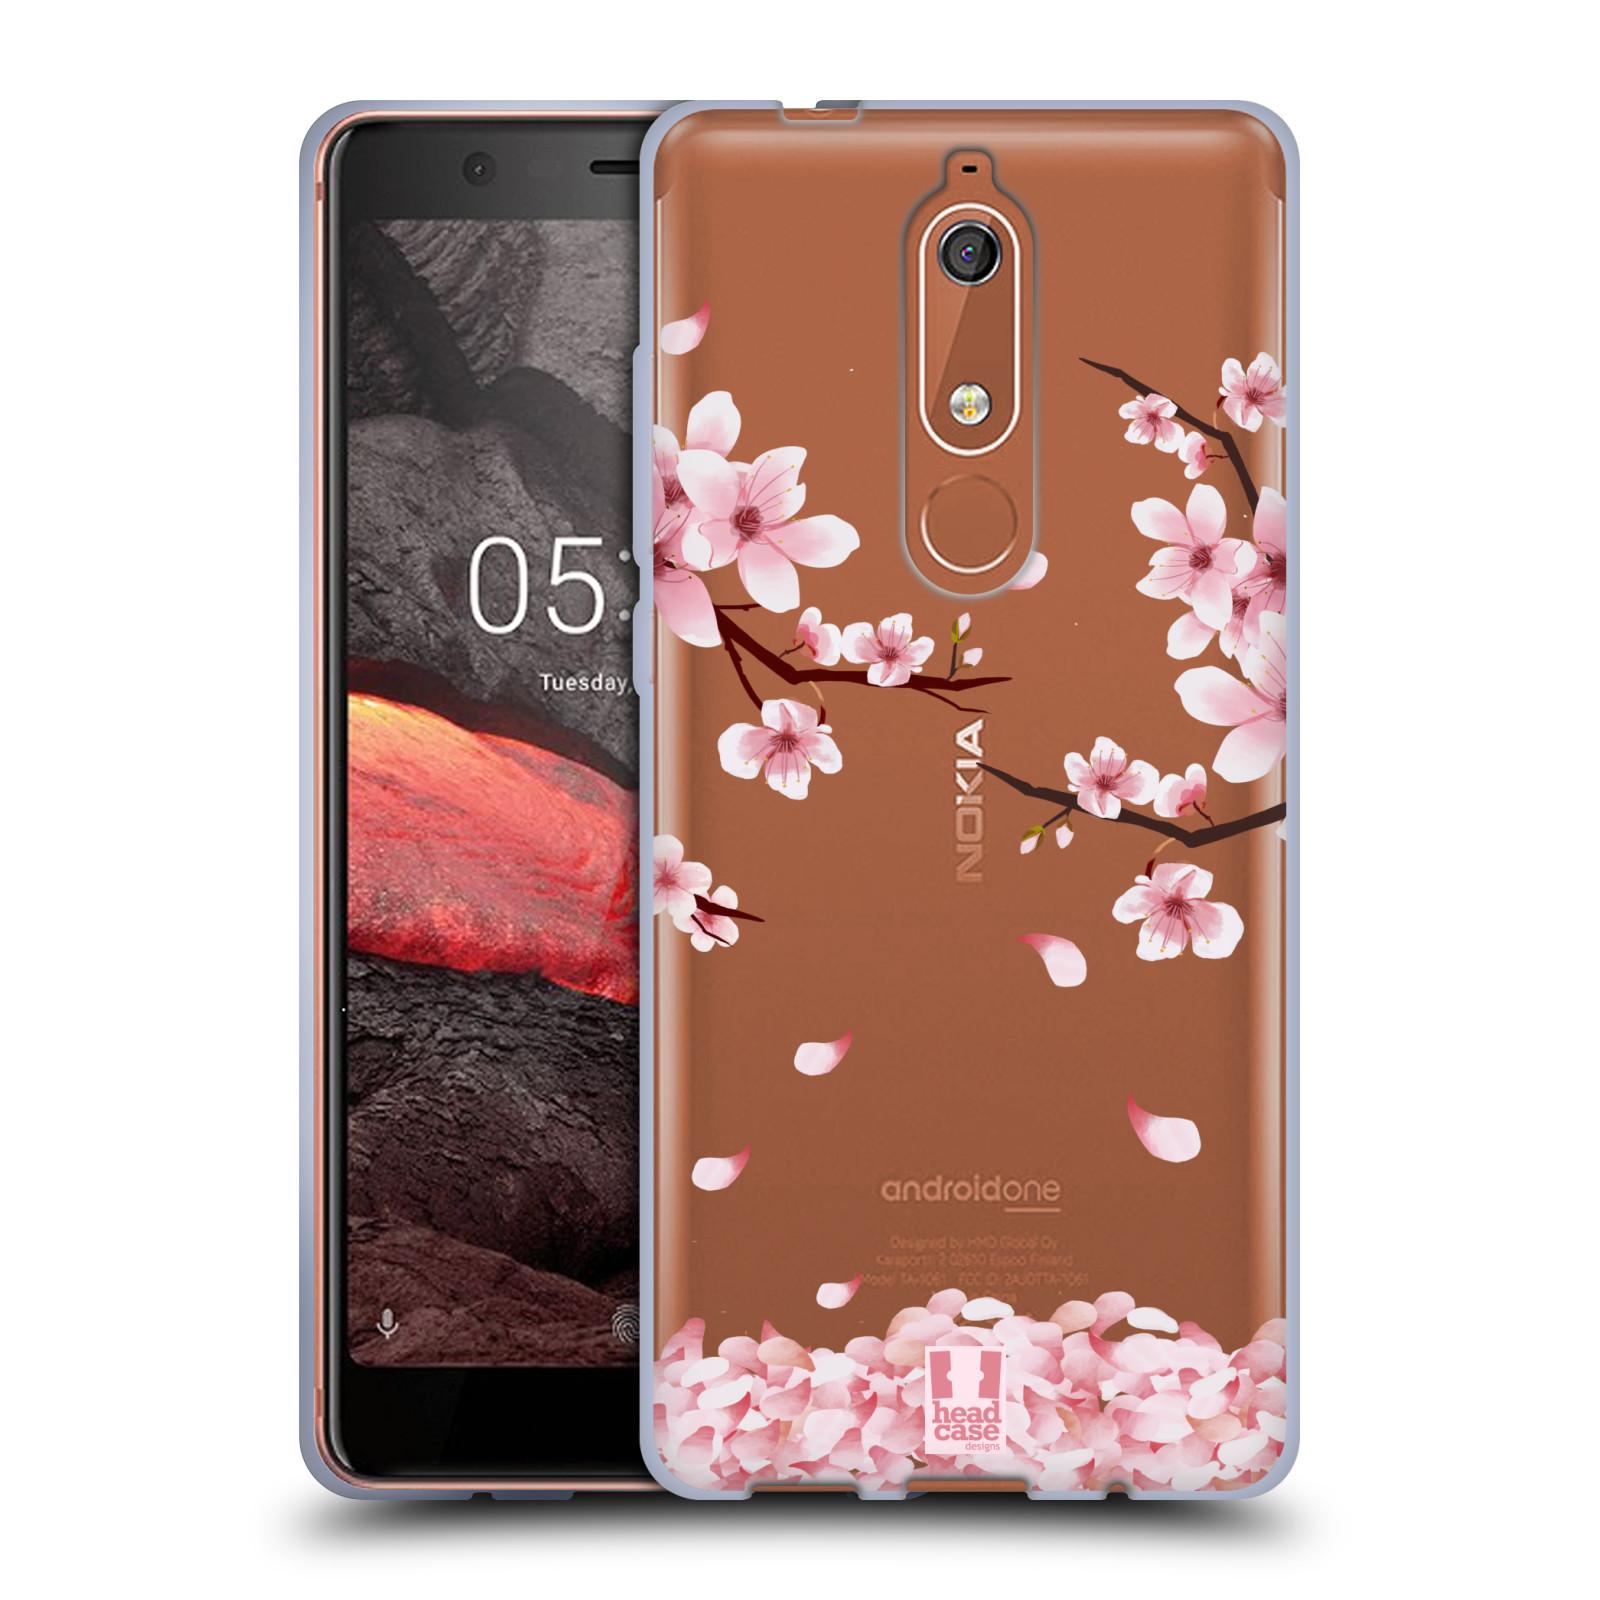 Silikonové pouzdro na mobil Nokia 5.1 - Head Case - Květy a větvičky